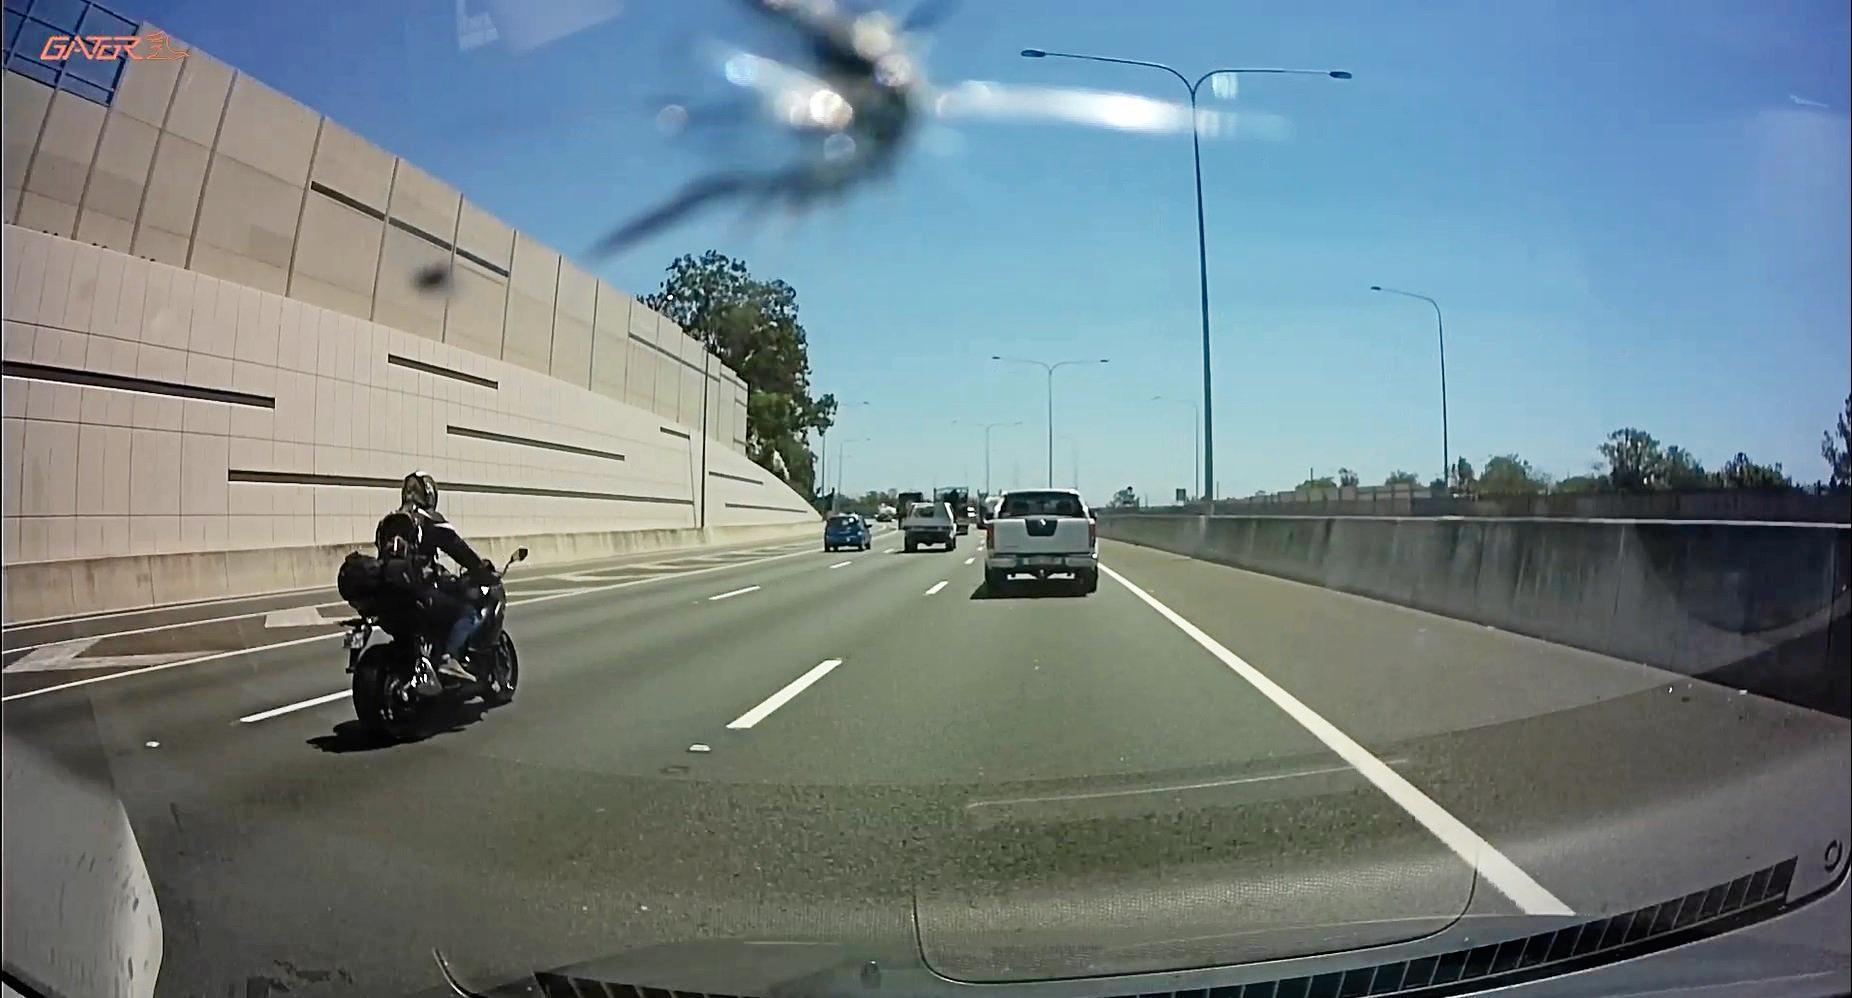 Dashcam footage provided by Karen Sharrad